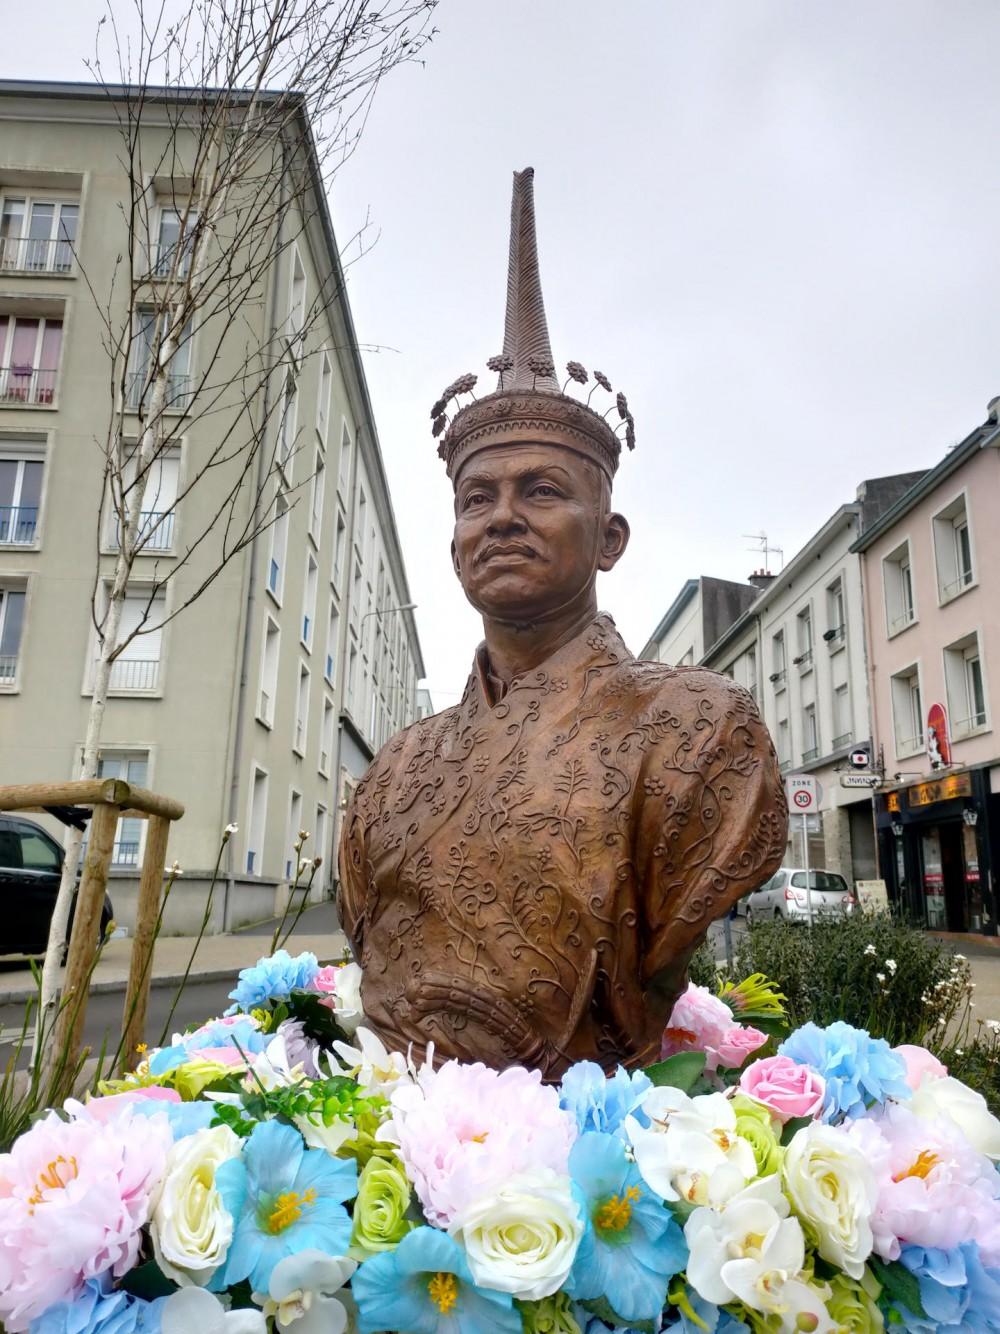 พาโกษาปานกลับฝรั่งเศสอีกครั้งหลังจาก 333 ปี